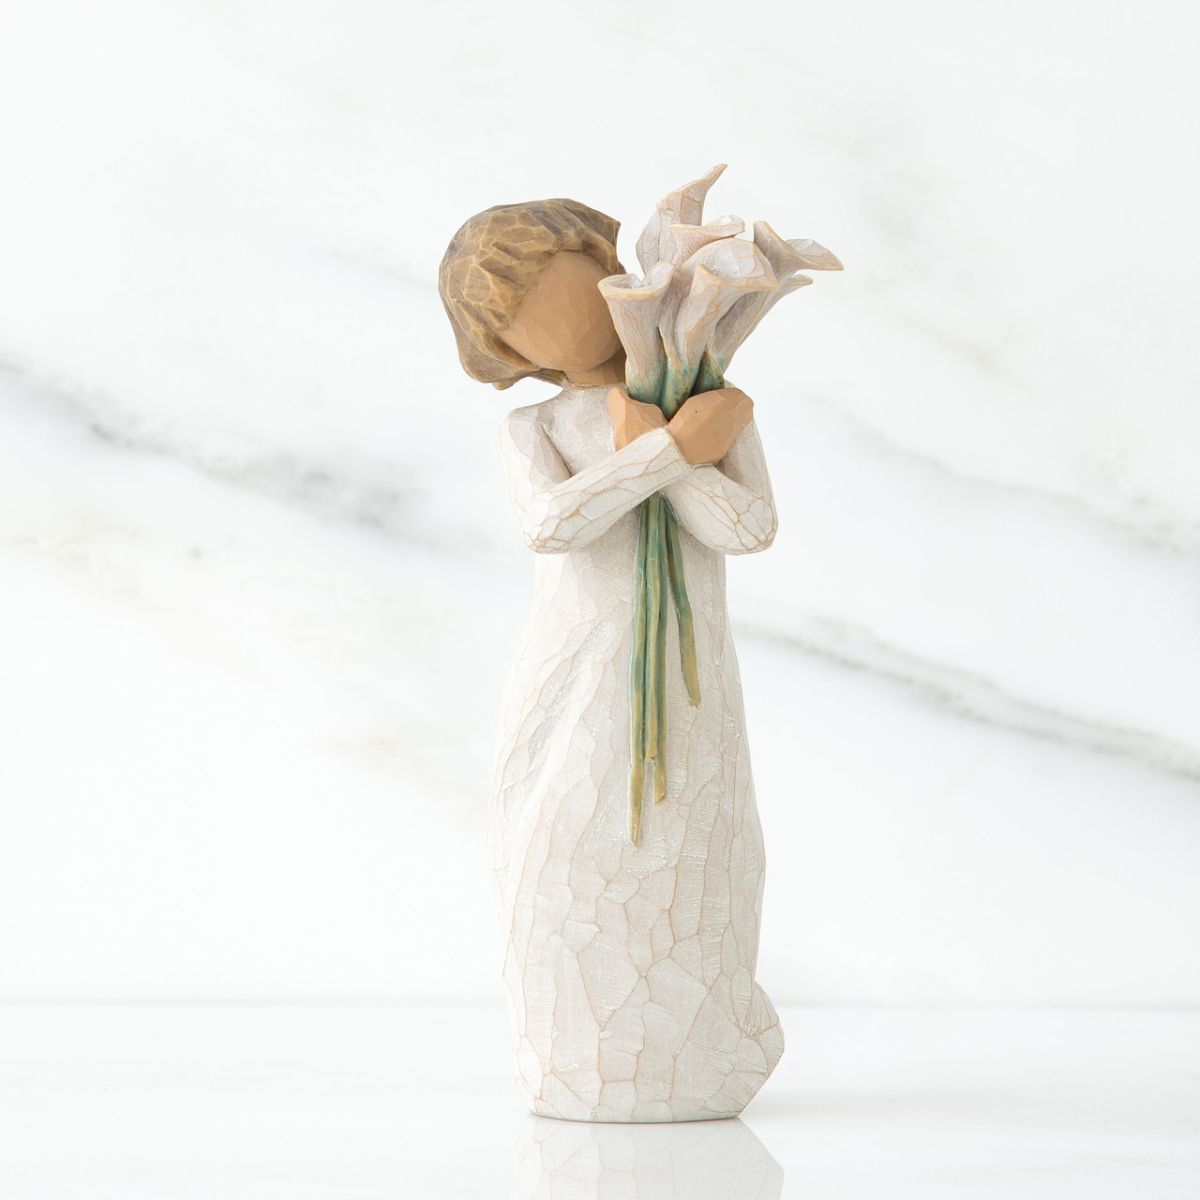 ウィローツリー彫像 【Beautiful Wishes】 - 美しい願い